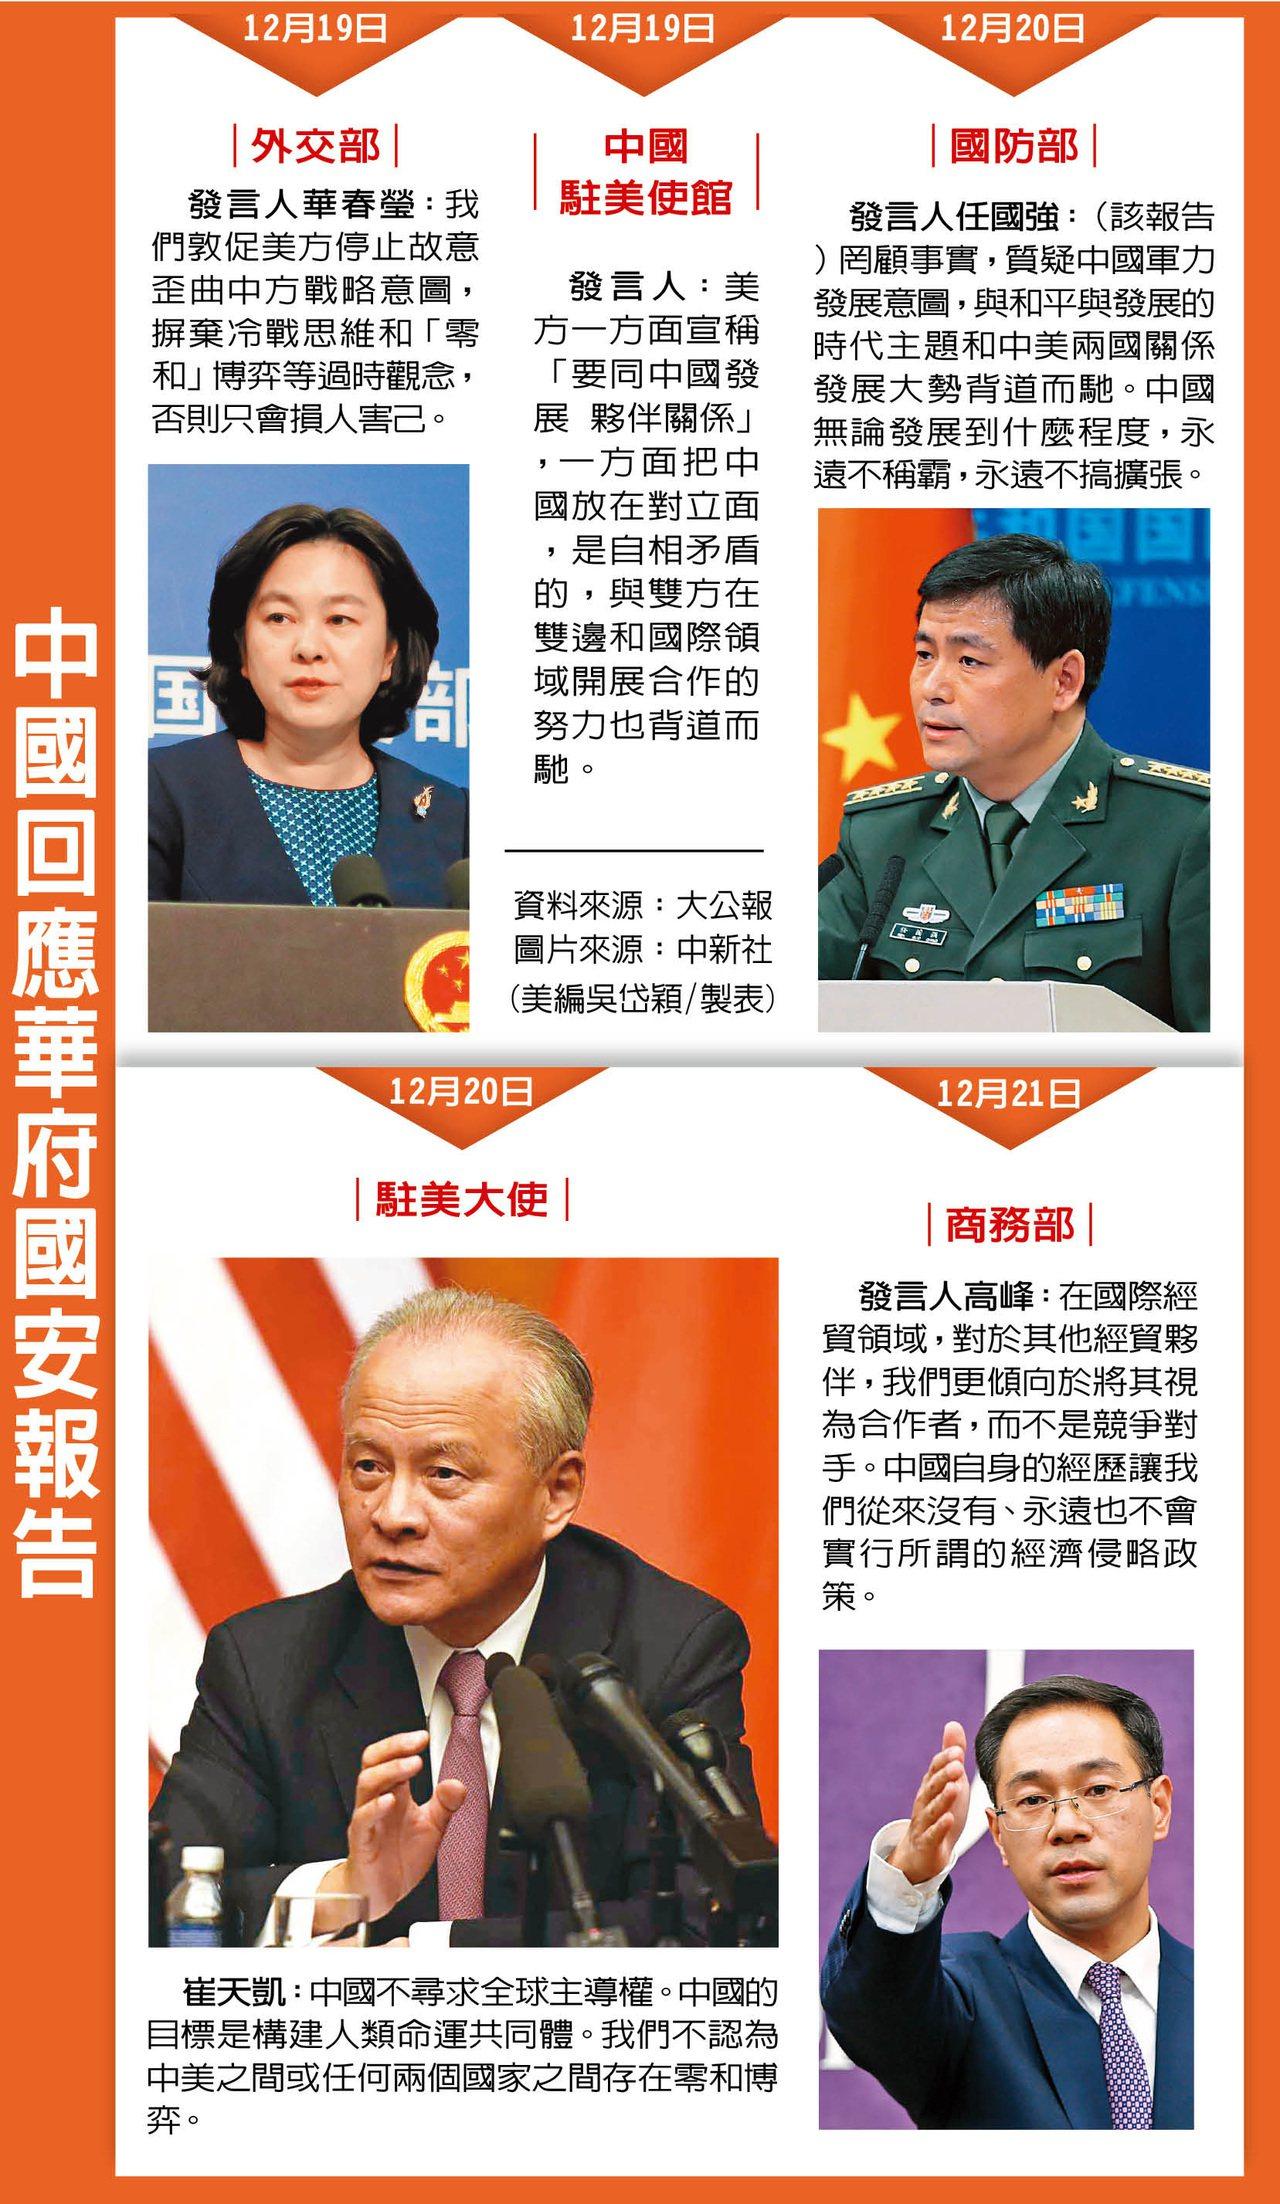 美國安戰略報告,中國兩天五促美棄冷戰思維,駐美大使表示北京不尋求全球主導權。世界...